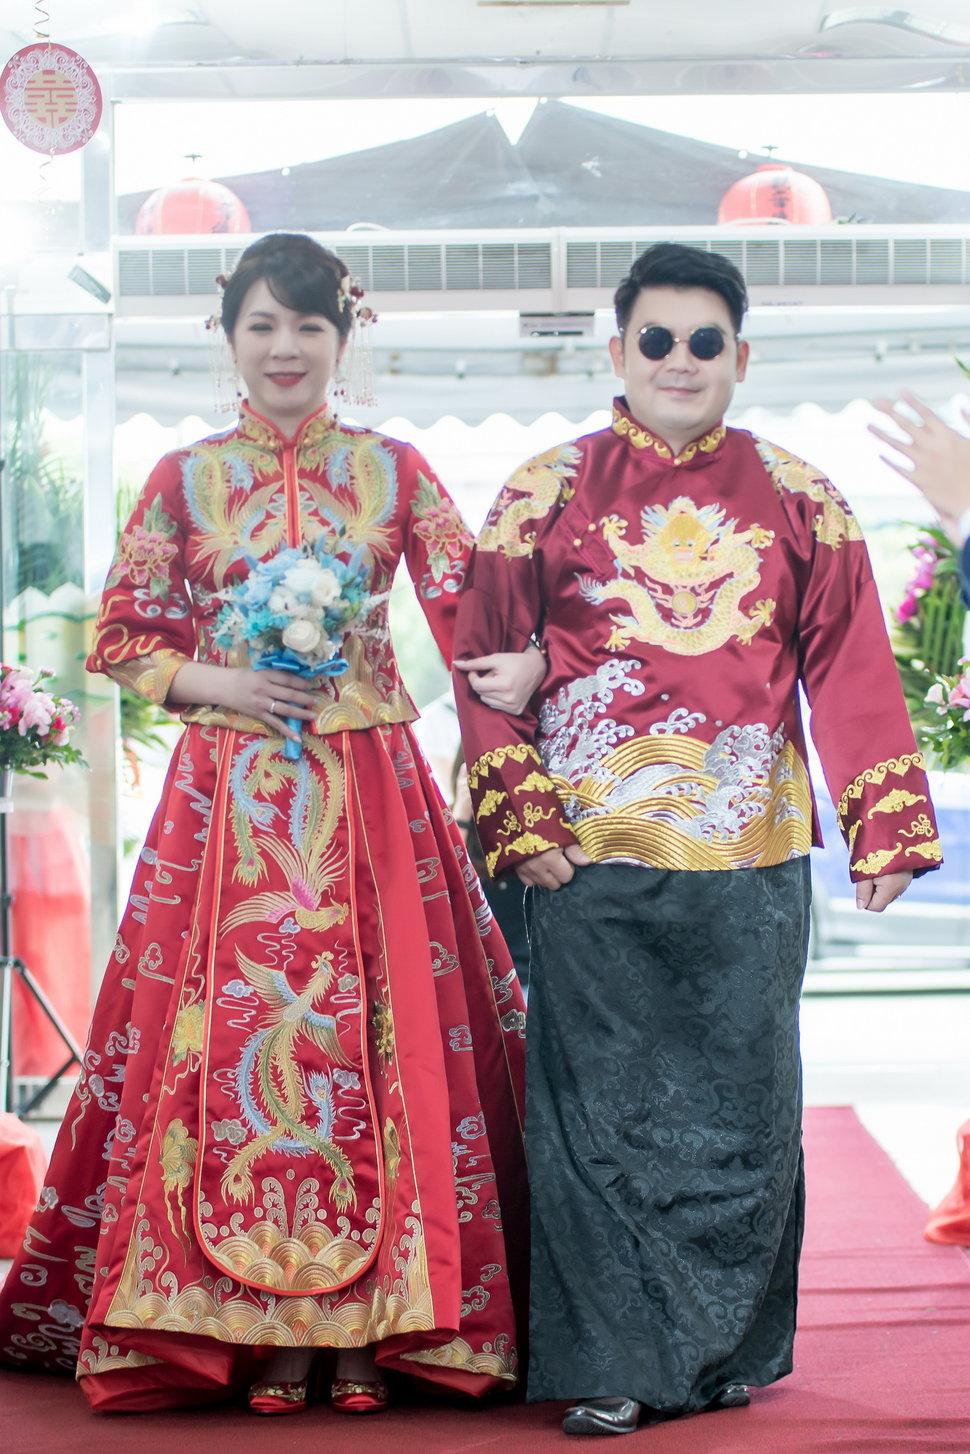 DSC_0042 - Daco  攝影工作室 - 結婚吧